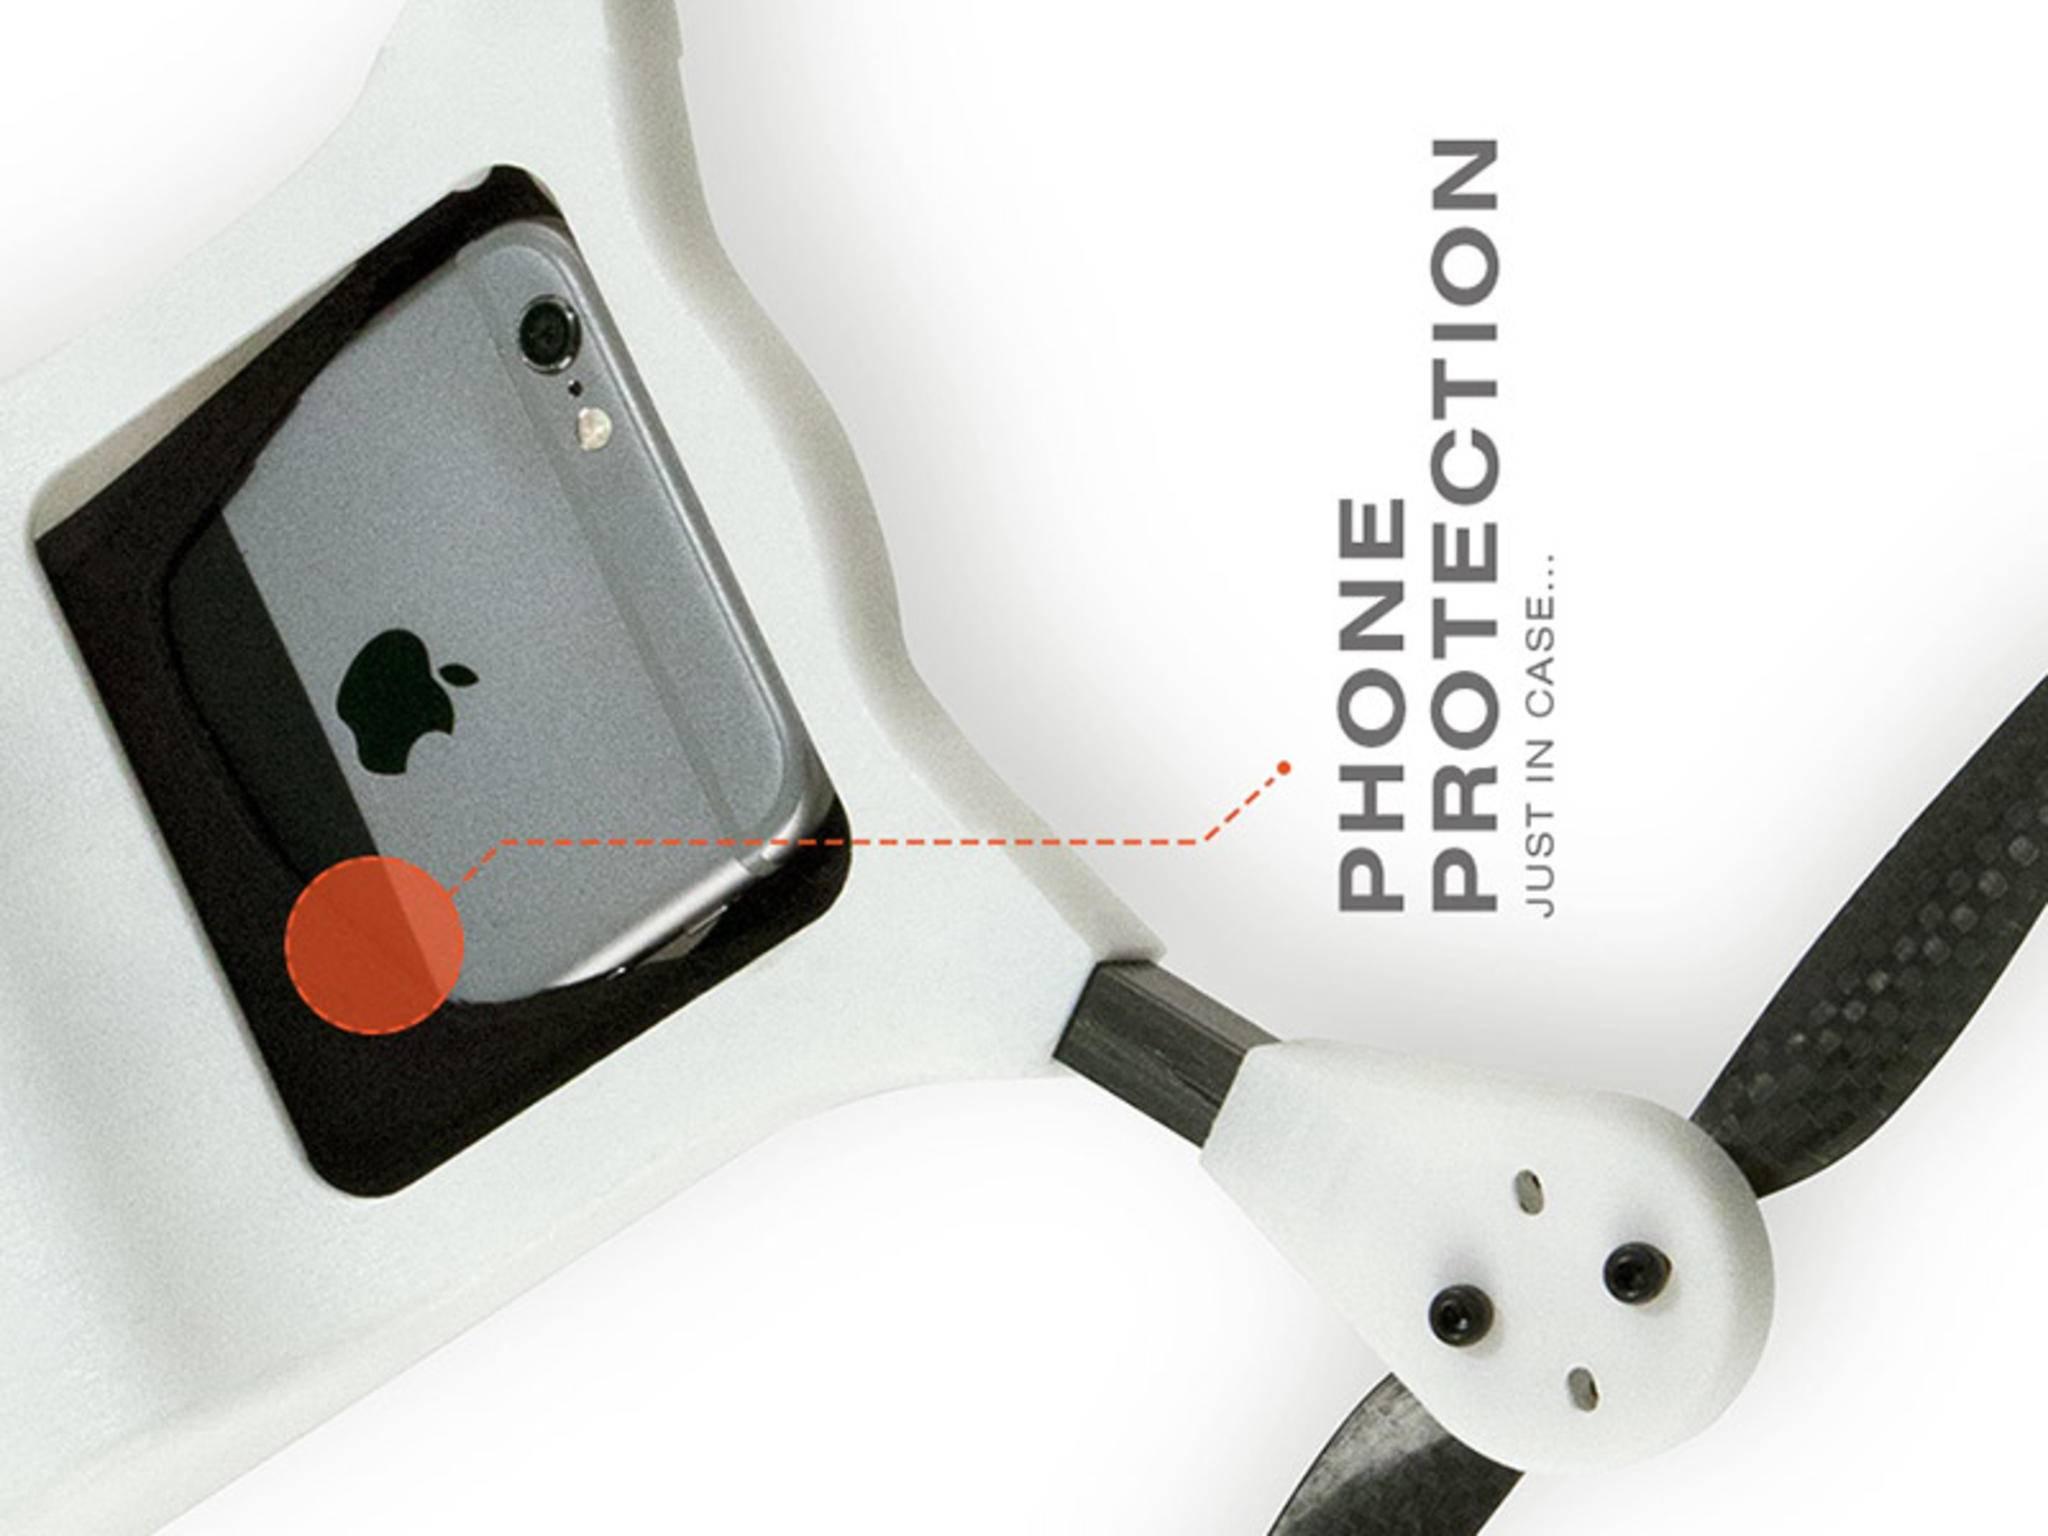 PhoneDrone-Ethos5